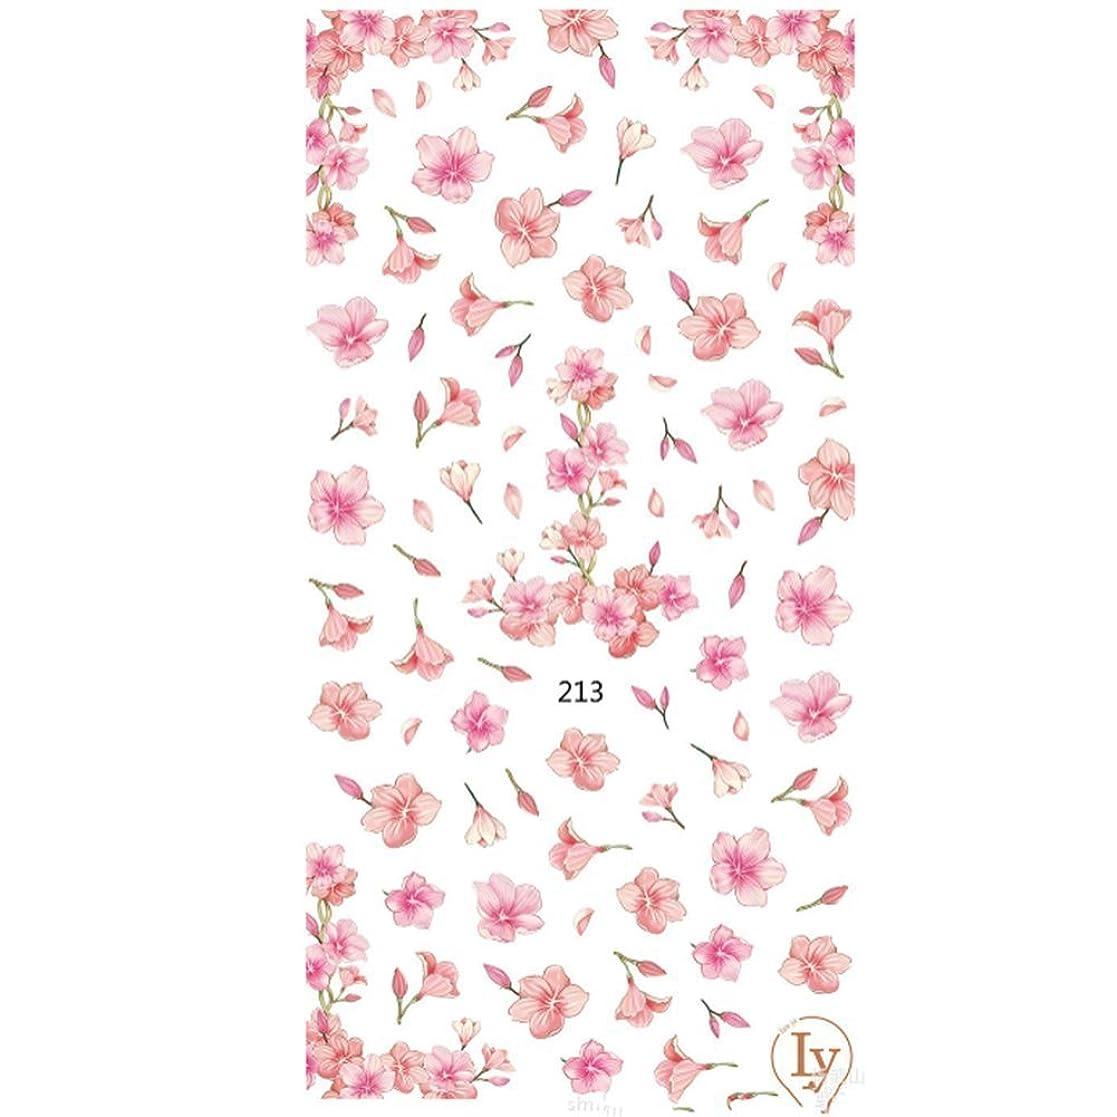 メーター価値のない崇拝するネイルステッカー 1シート 桜 フラワー 花 パターン 3Dシール ネイルステッカー ネイルシール ネイルアート ネイルデコ